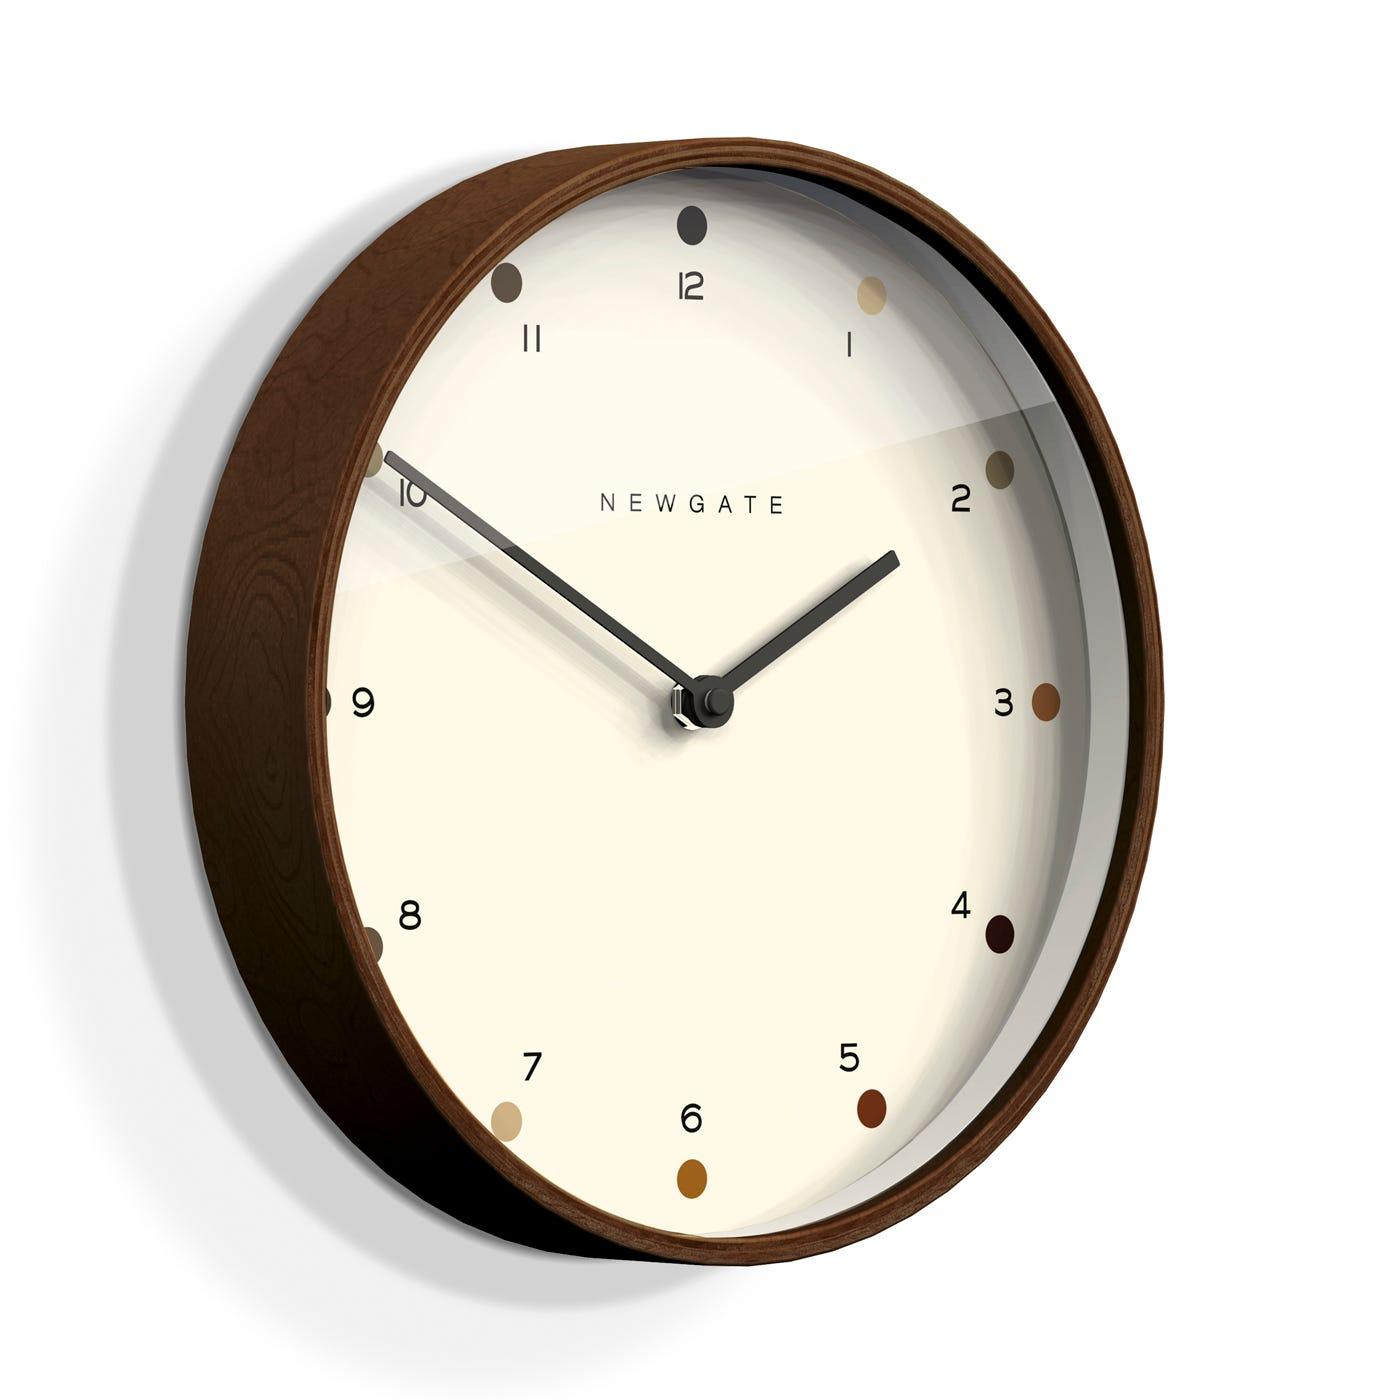 Newgate Mr Clarke Dark Wood Wall Clock Heal S